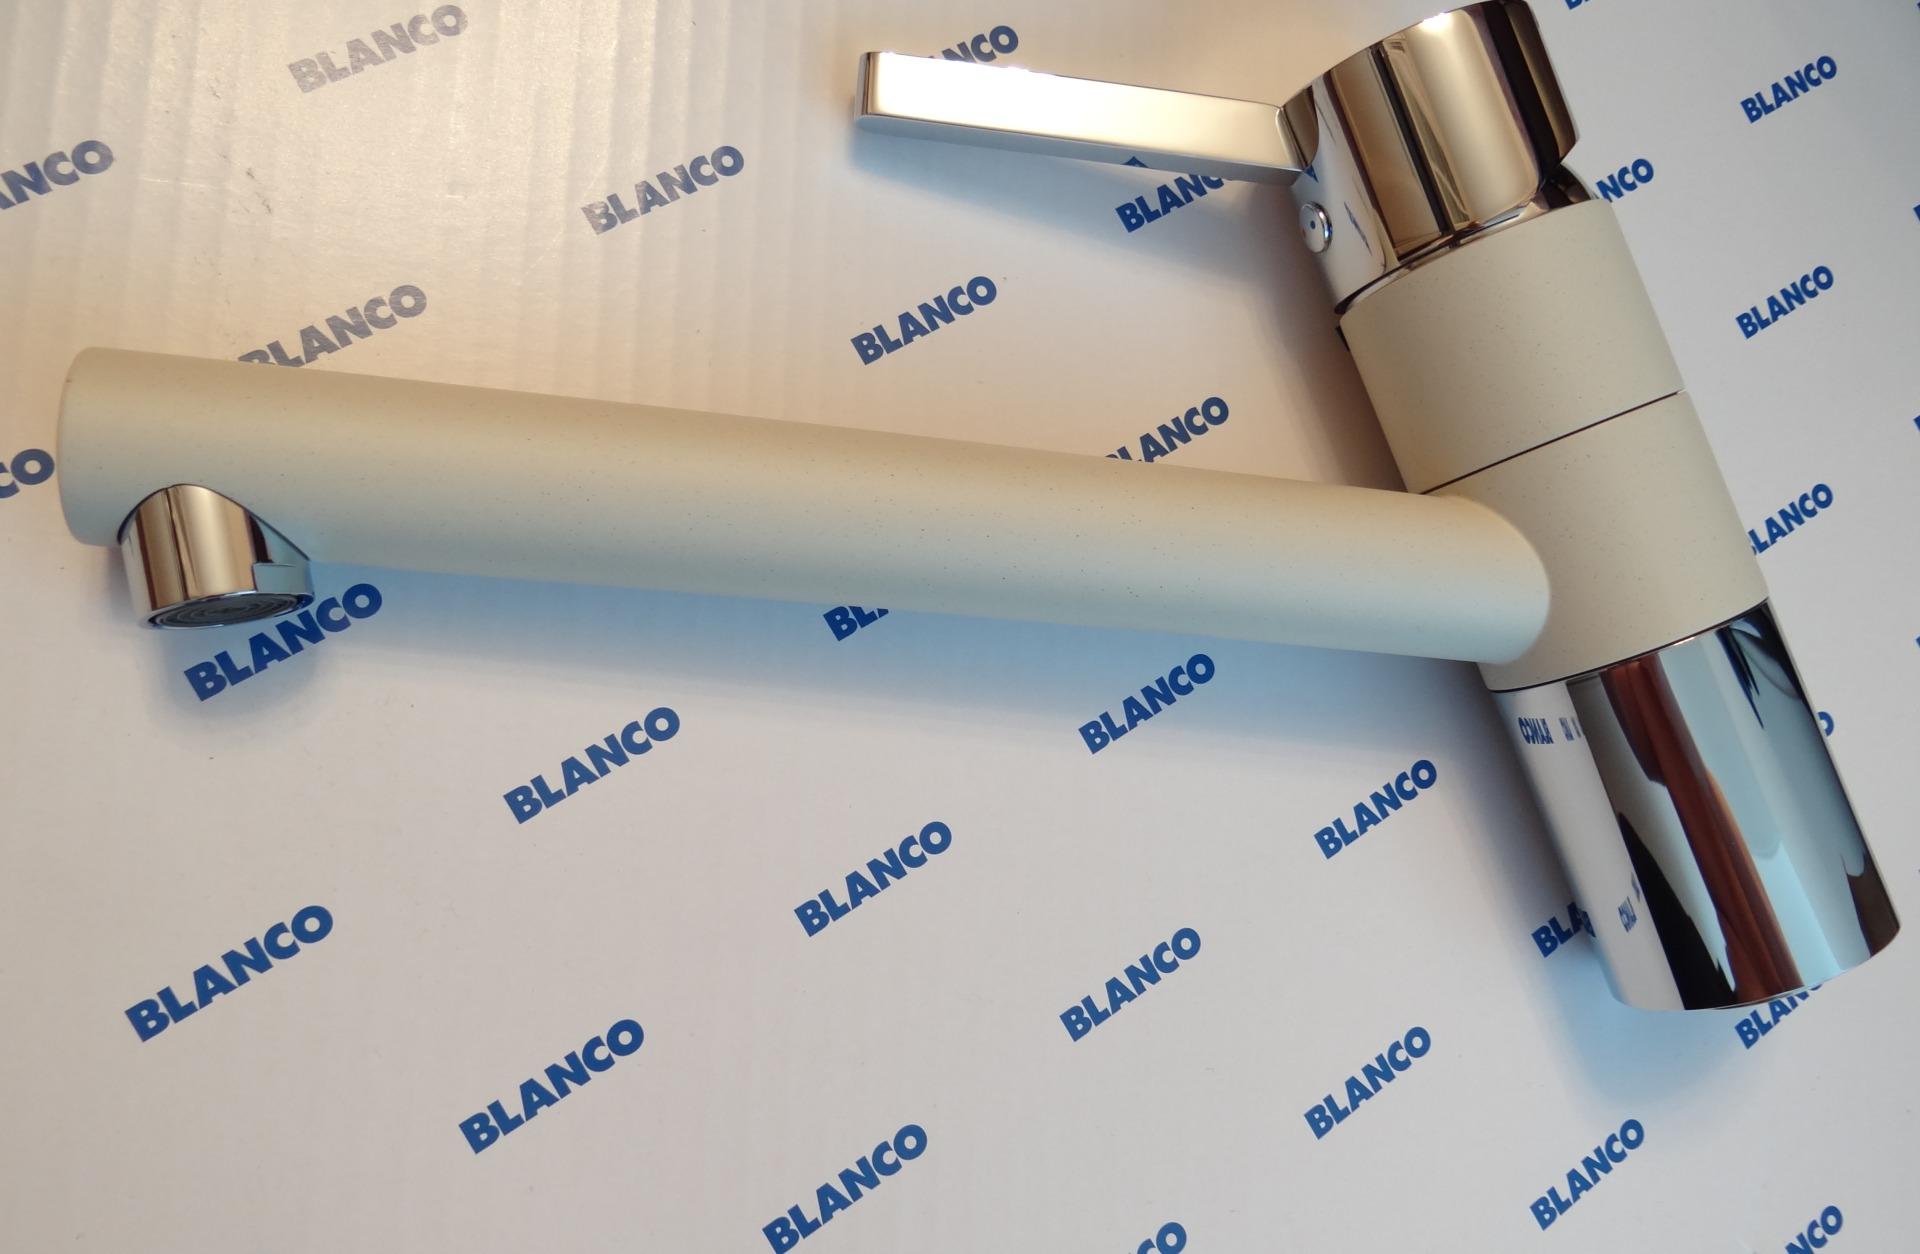 Смеситель для кухни Blanci TIVO упаковка